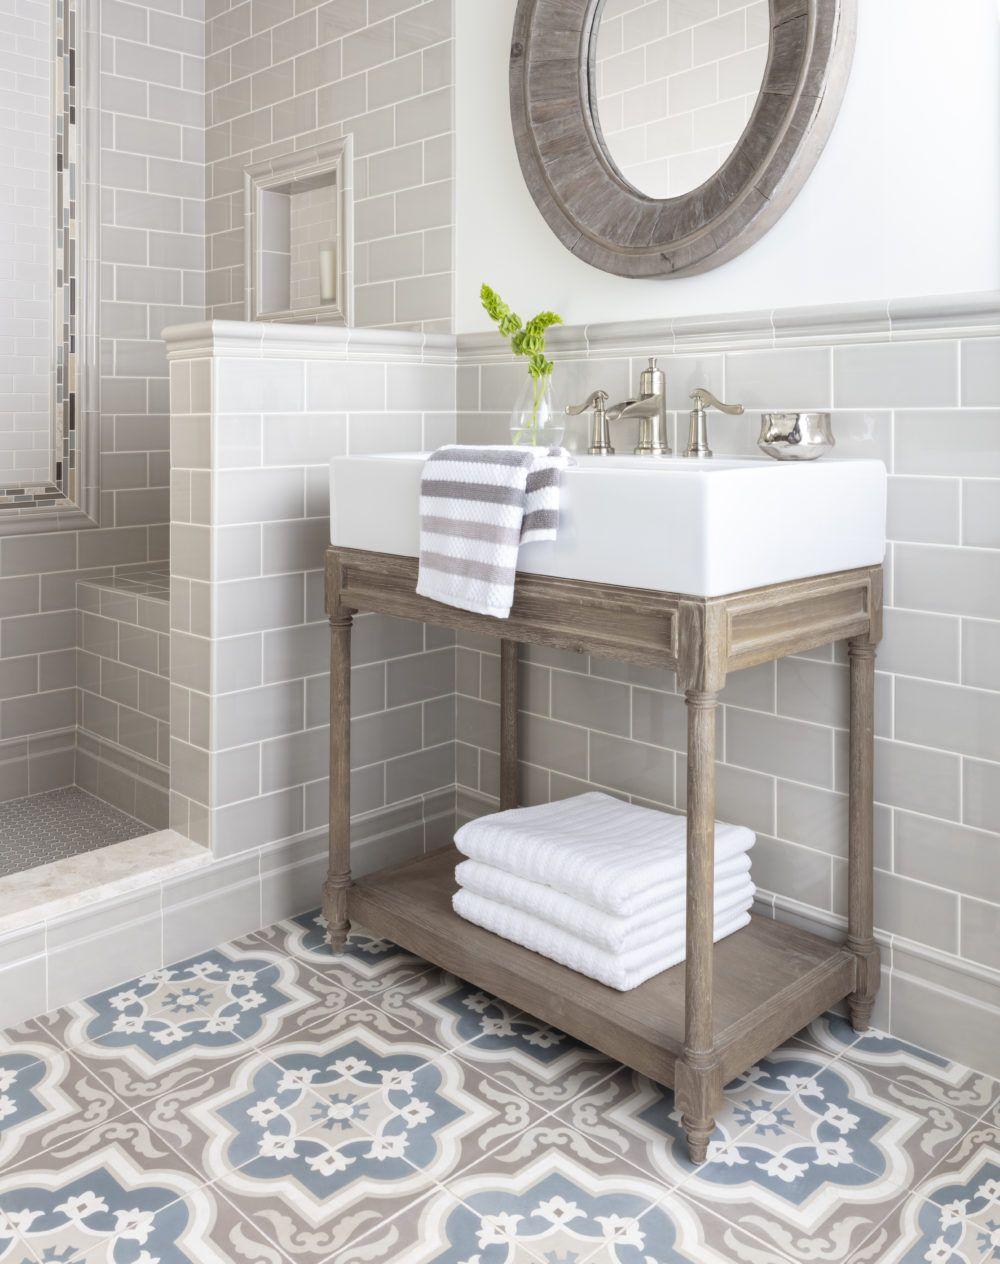 How To Achieve Modern Farmhouse Design With Tile Bathroom Tile